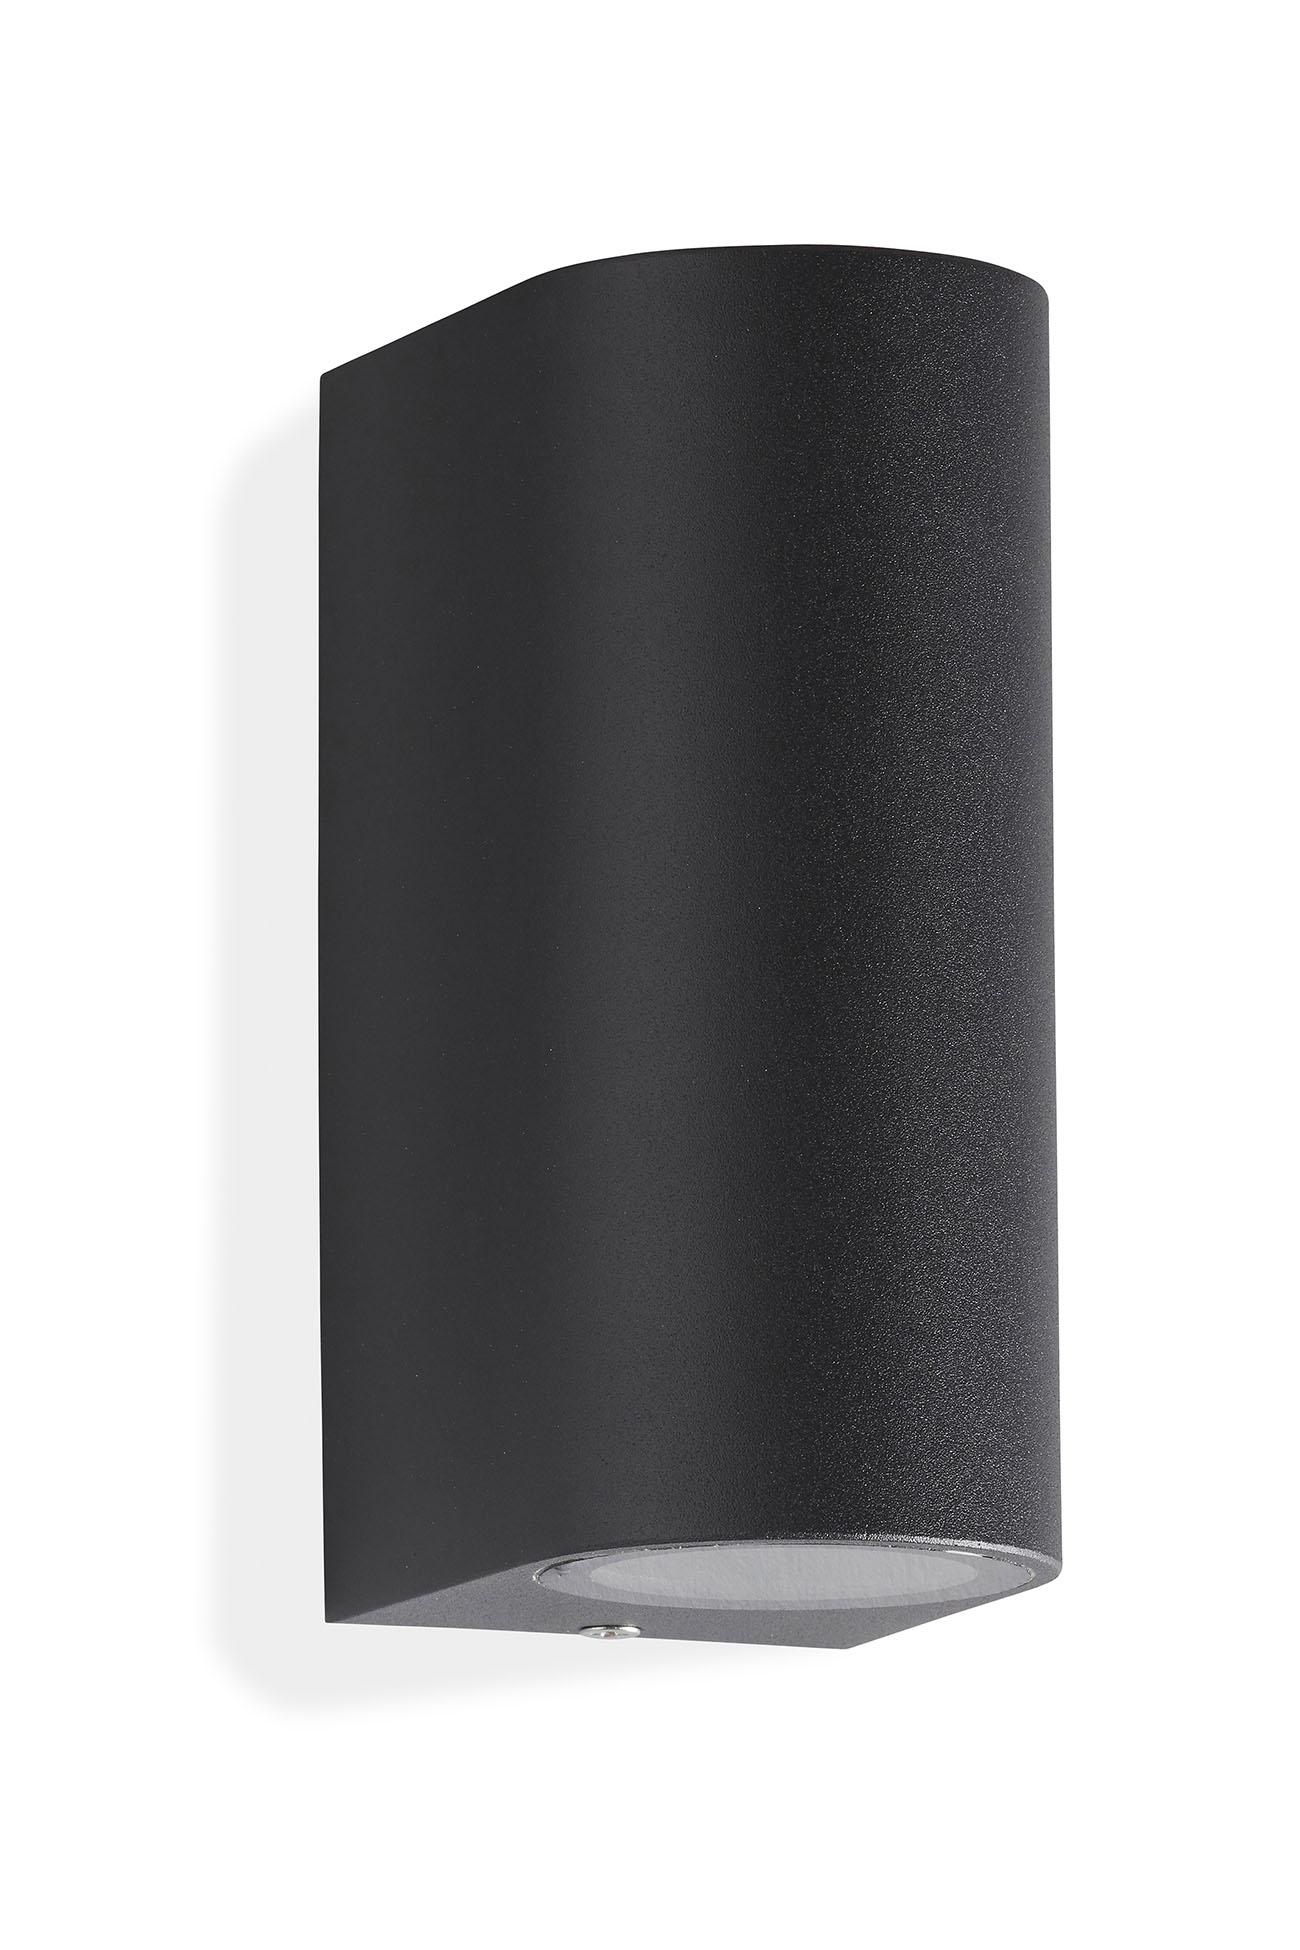 TELEFUNKEN LED Außenwandleuchte, 15,1 cm, 10 W, Anthrazit